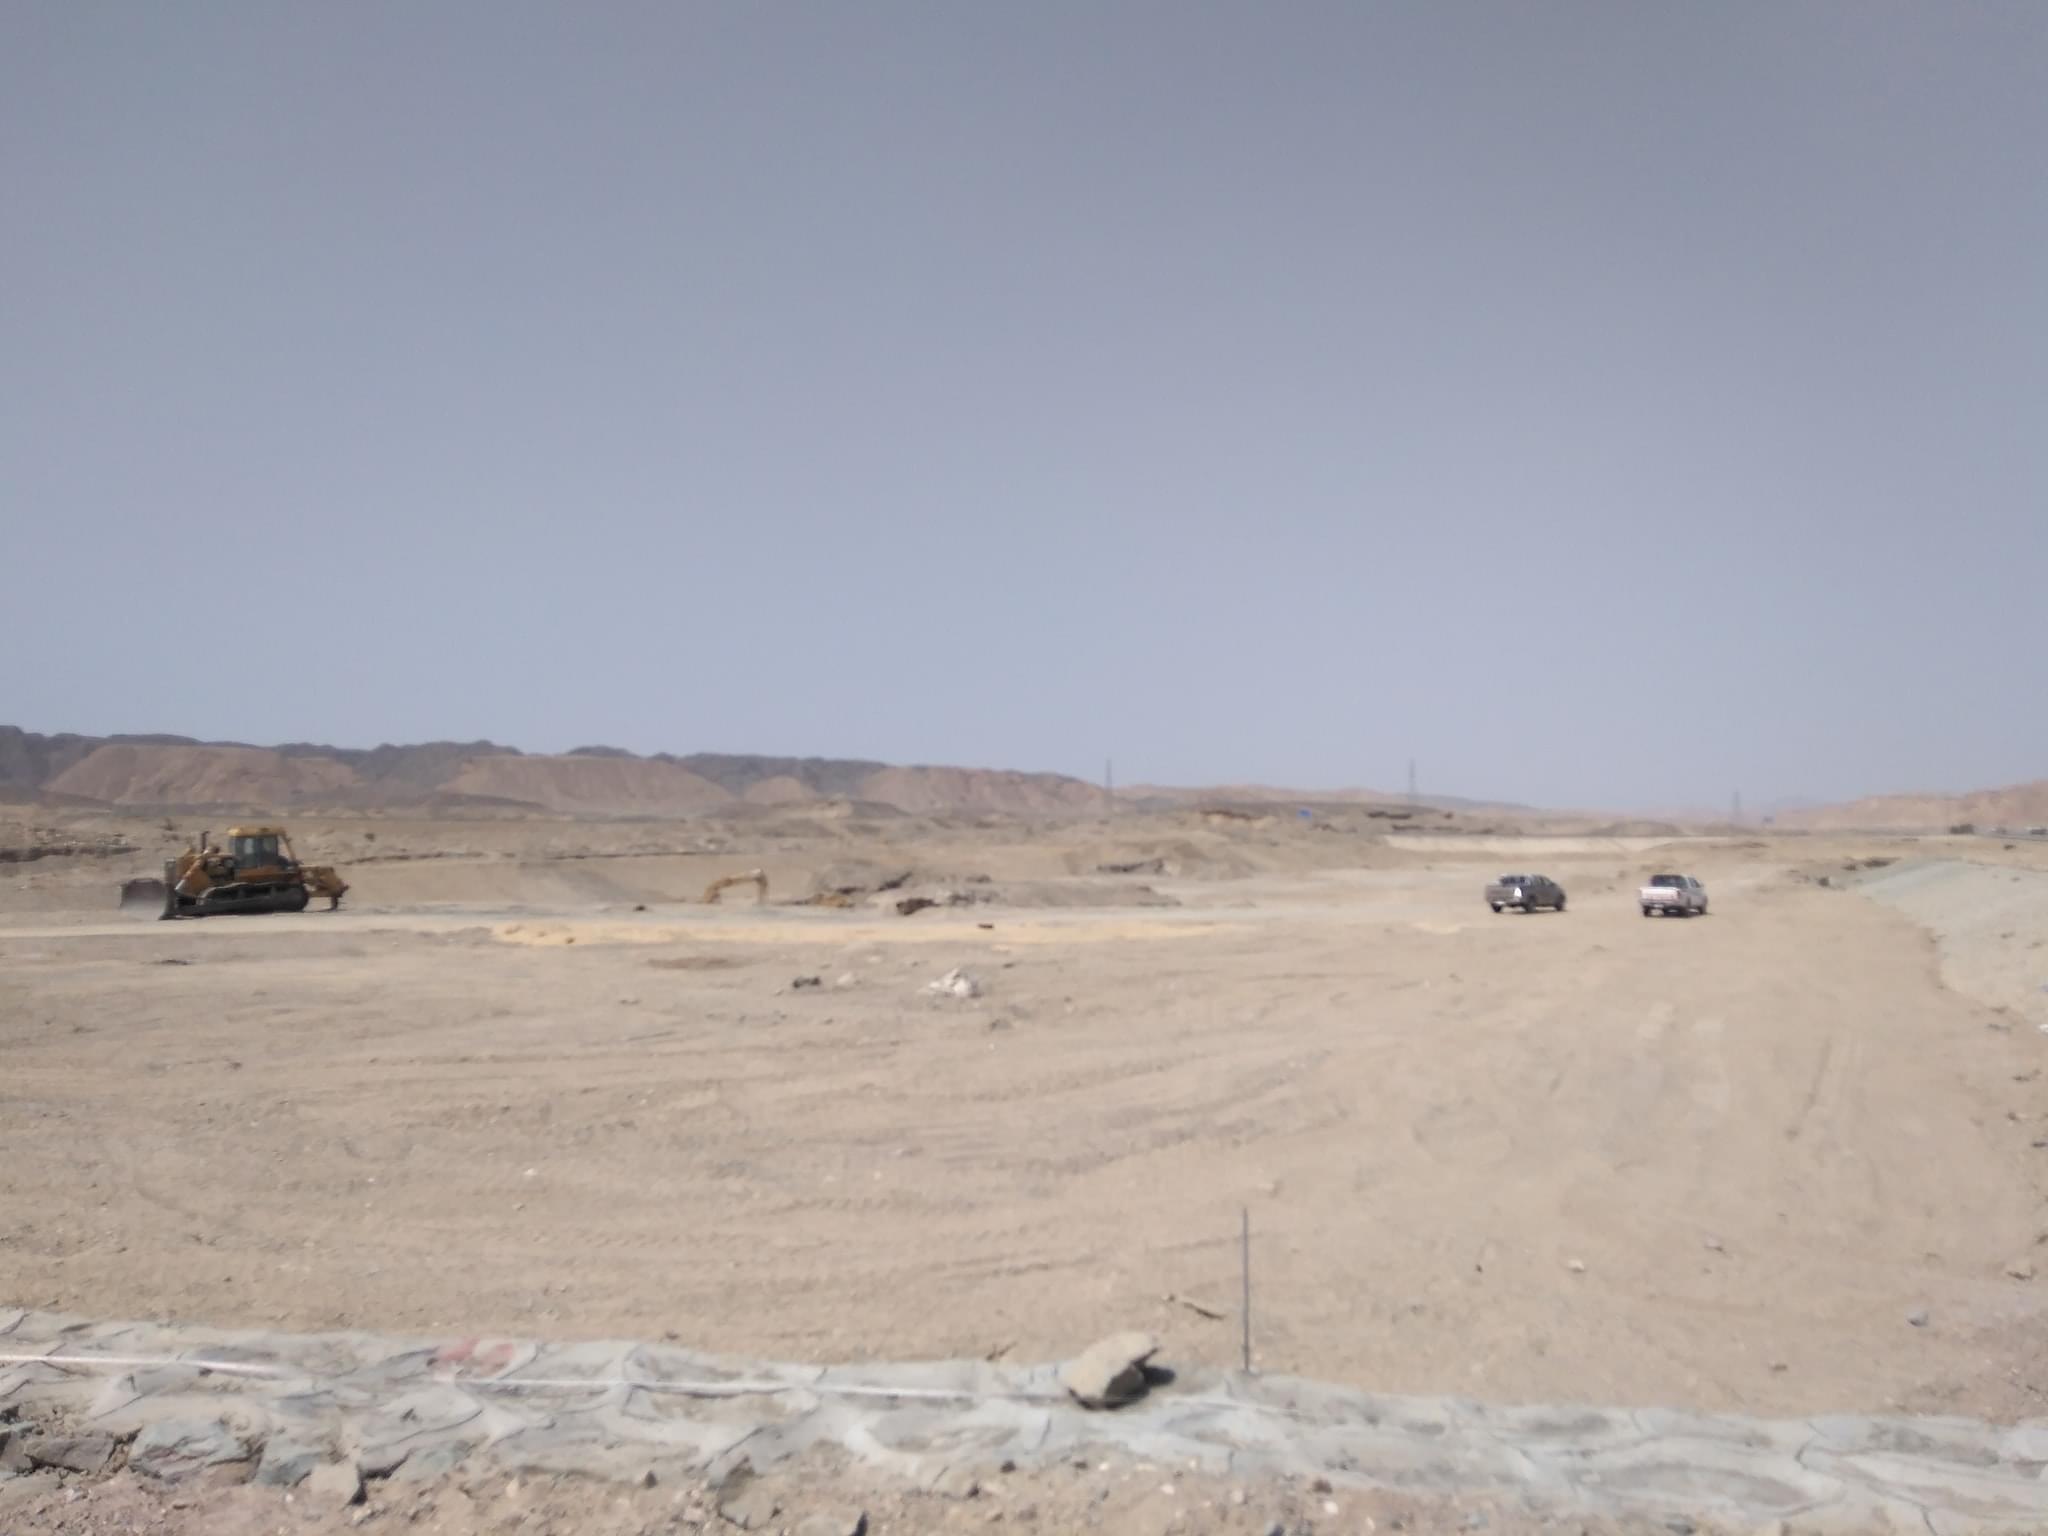 المرحلة الثانية لمشروعات مجابهة السيول بالبحر الأحمر  (3)